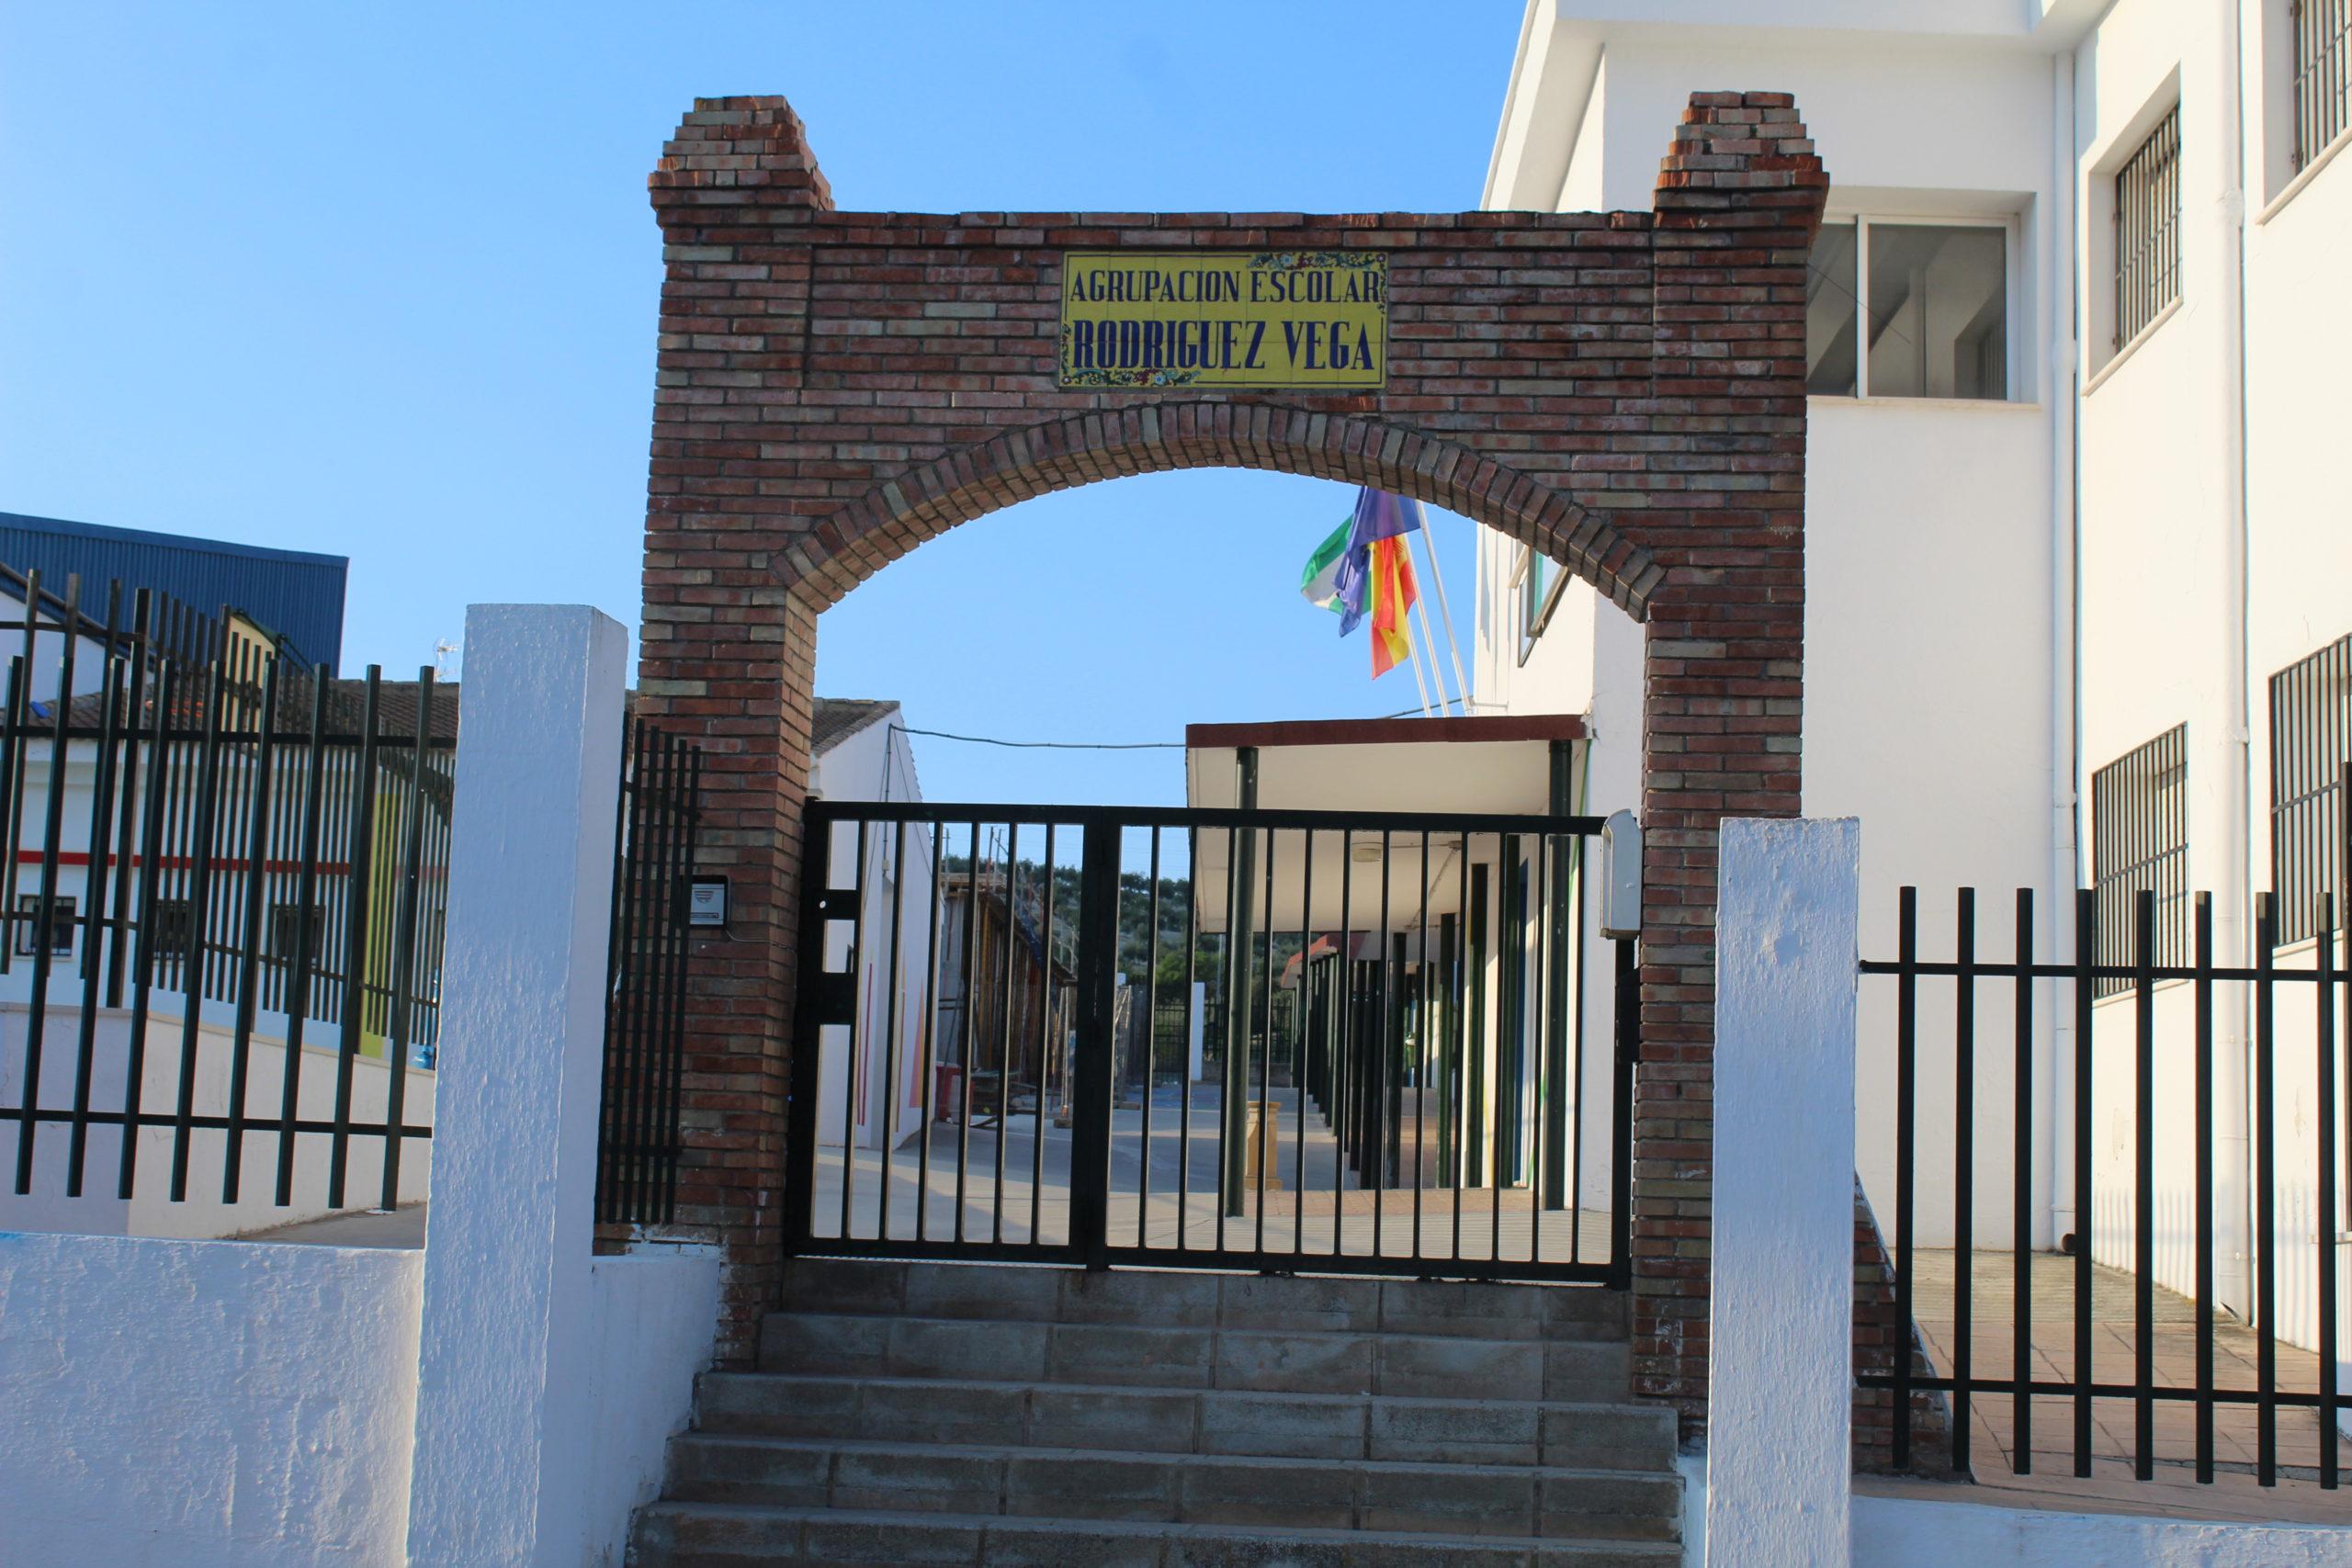 """El CEIP Rodríguez Vega, la Escuela Infantil """"Antaviana"""" y el Centro de Educación de Adultos cierran durante dos semanas"""